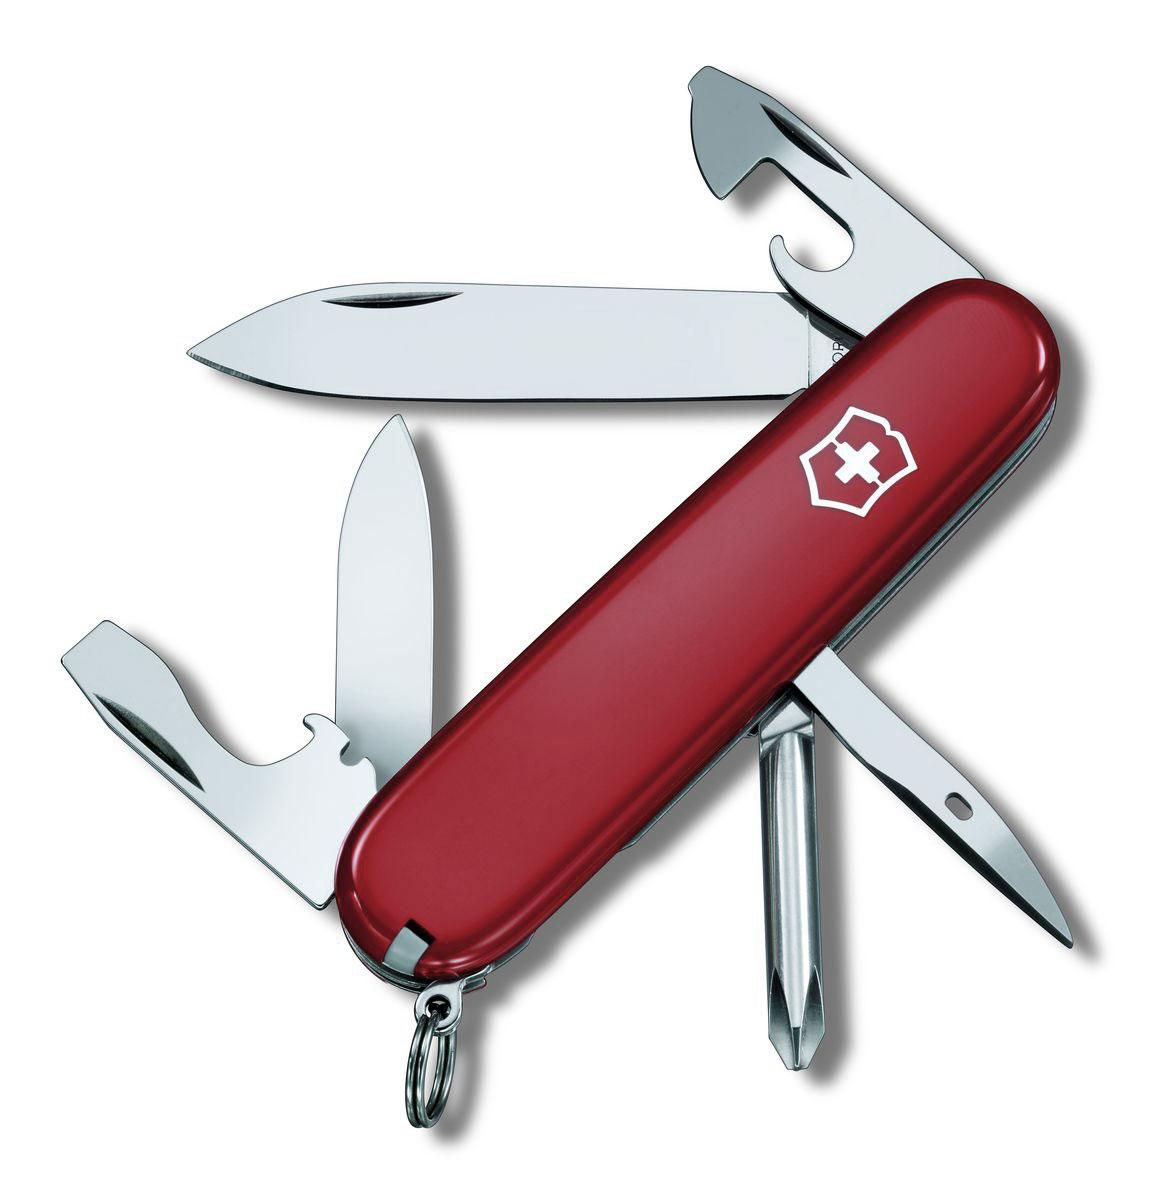 Нож перочинный Victorinox Tinker, цвет: красный, 12 функций, 9,1 см мяч баскетбольный nike skills цвет пурпурный черный белый размер 3